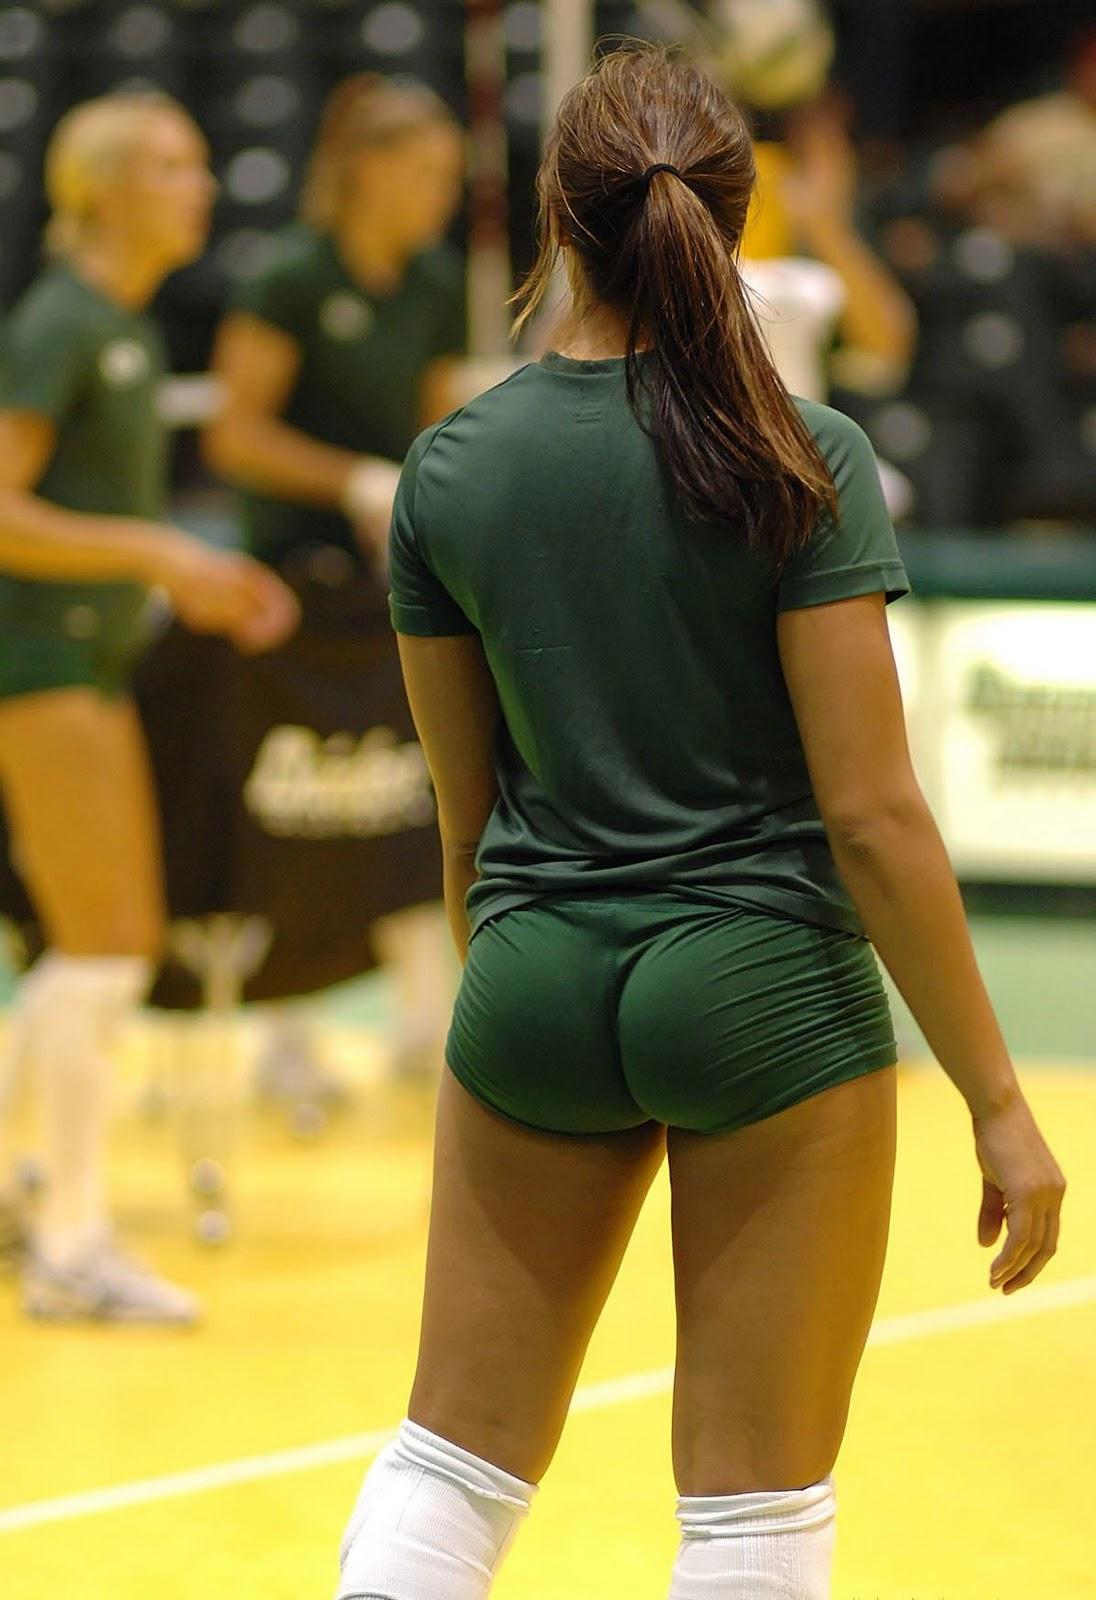 Volleyball Ass Spandex 58